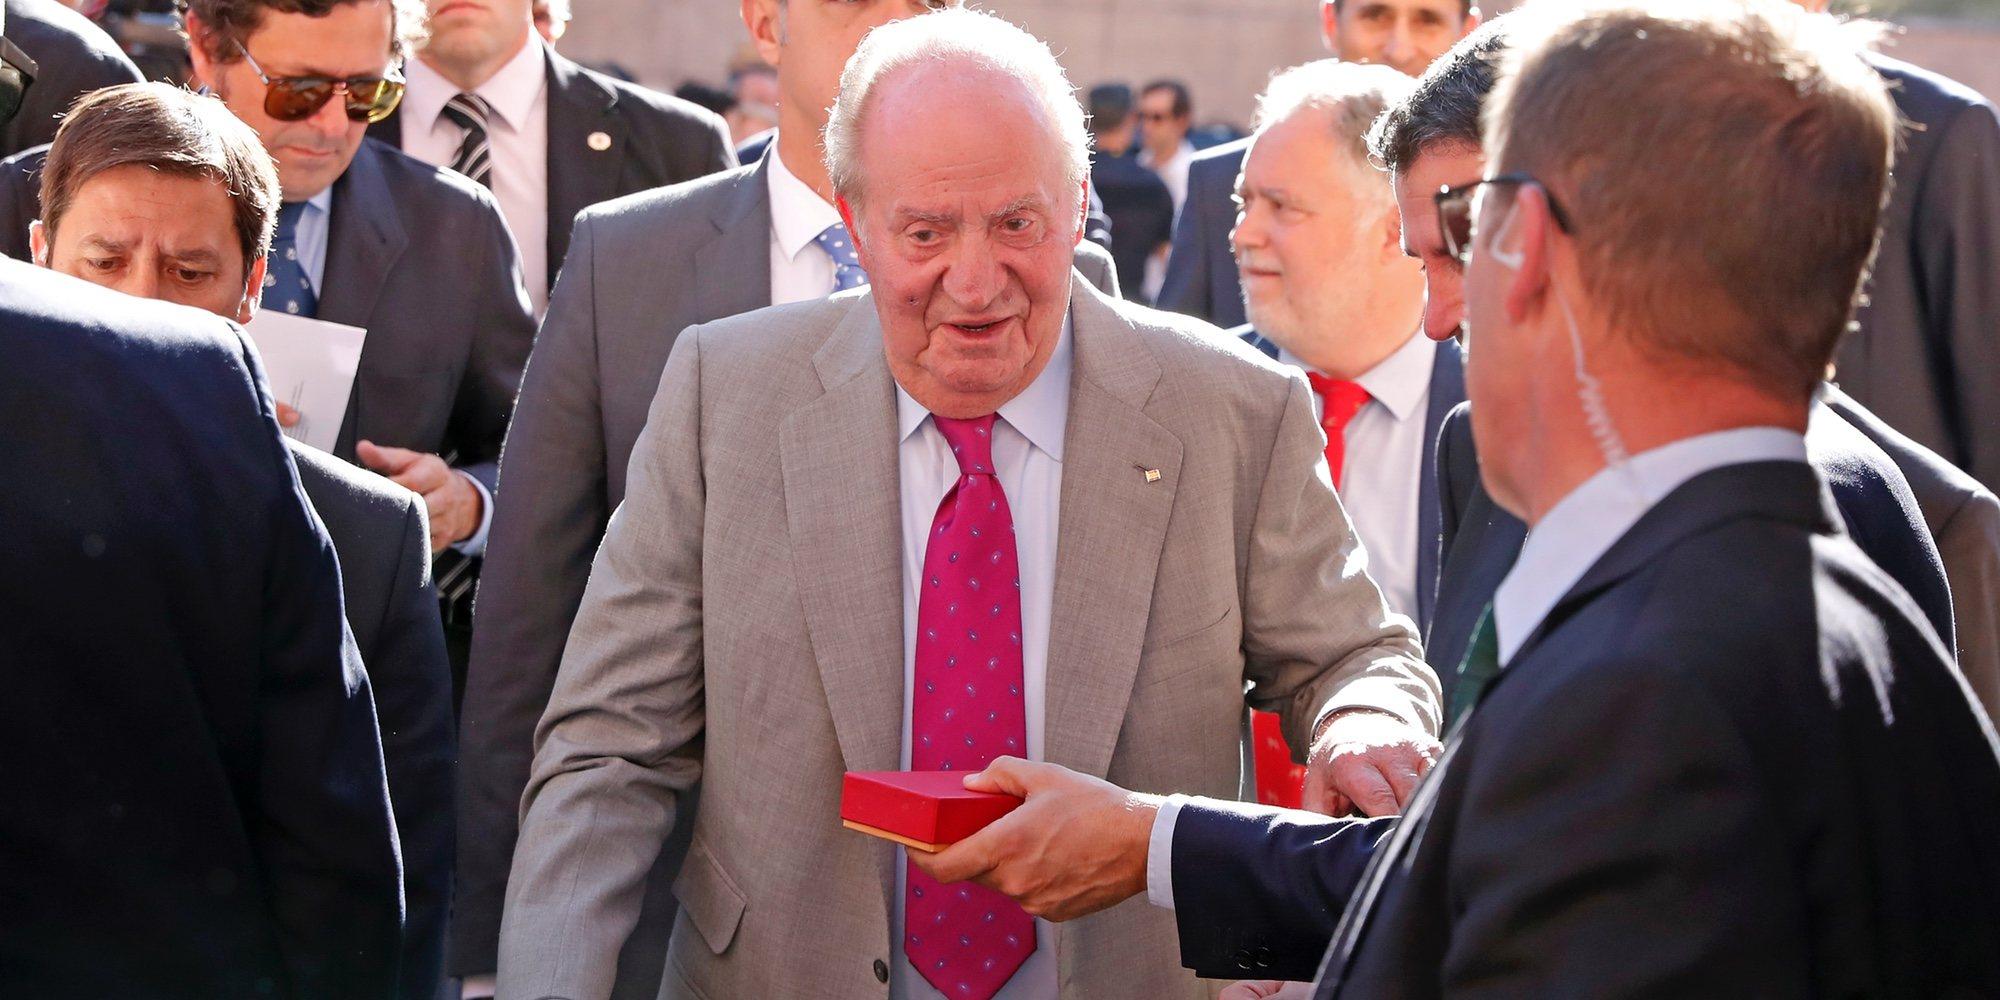 El Rey Juan Carlos, a los toros con la Infanta Elena mientras se prepara para su despedida oficiosa rodeado de Borbones